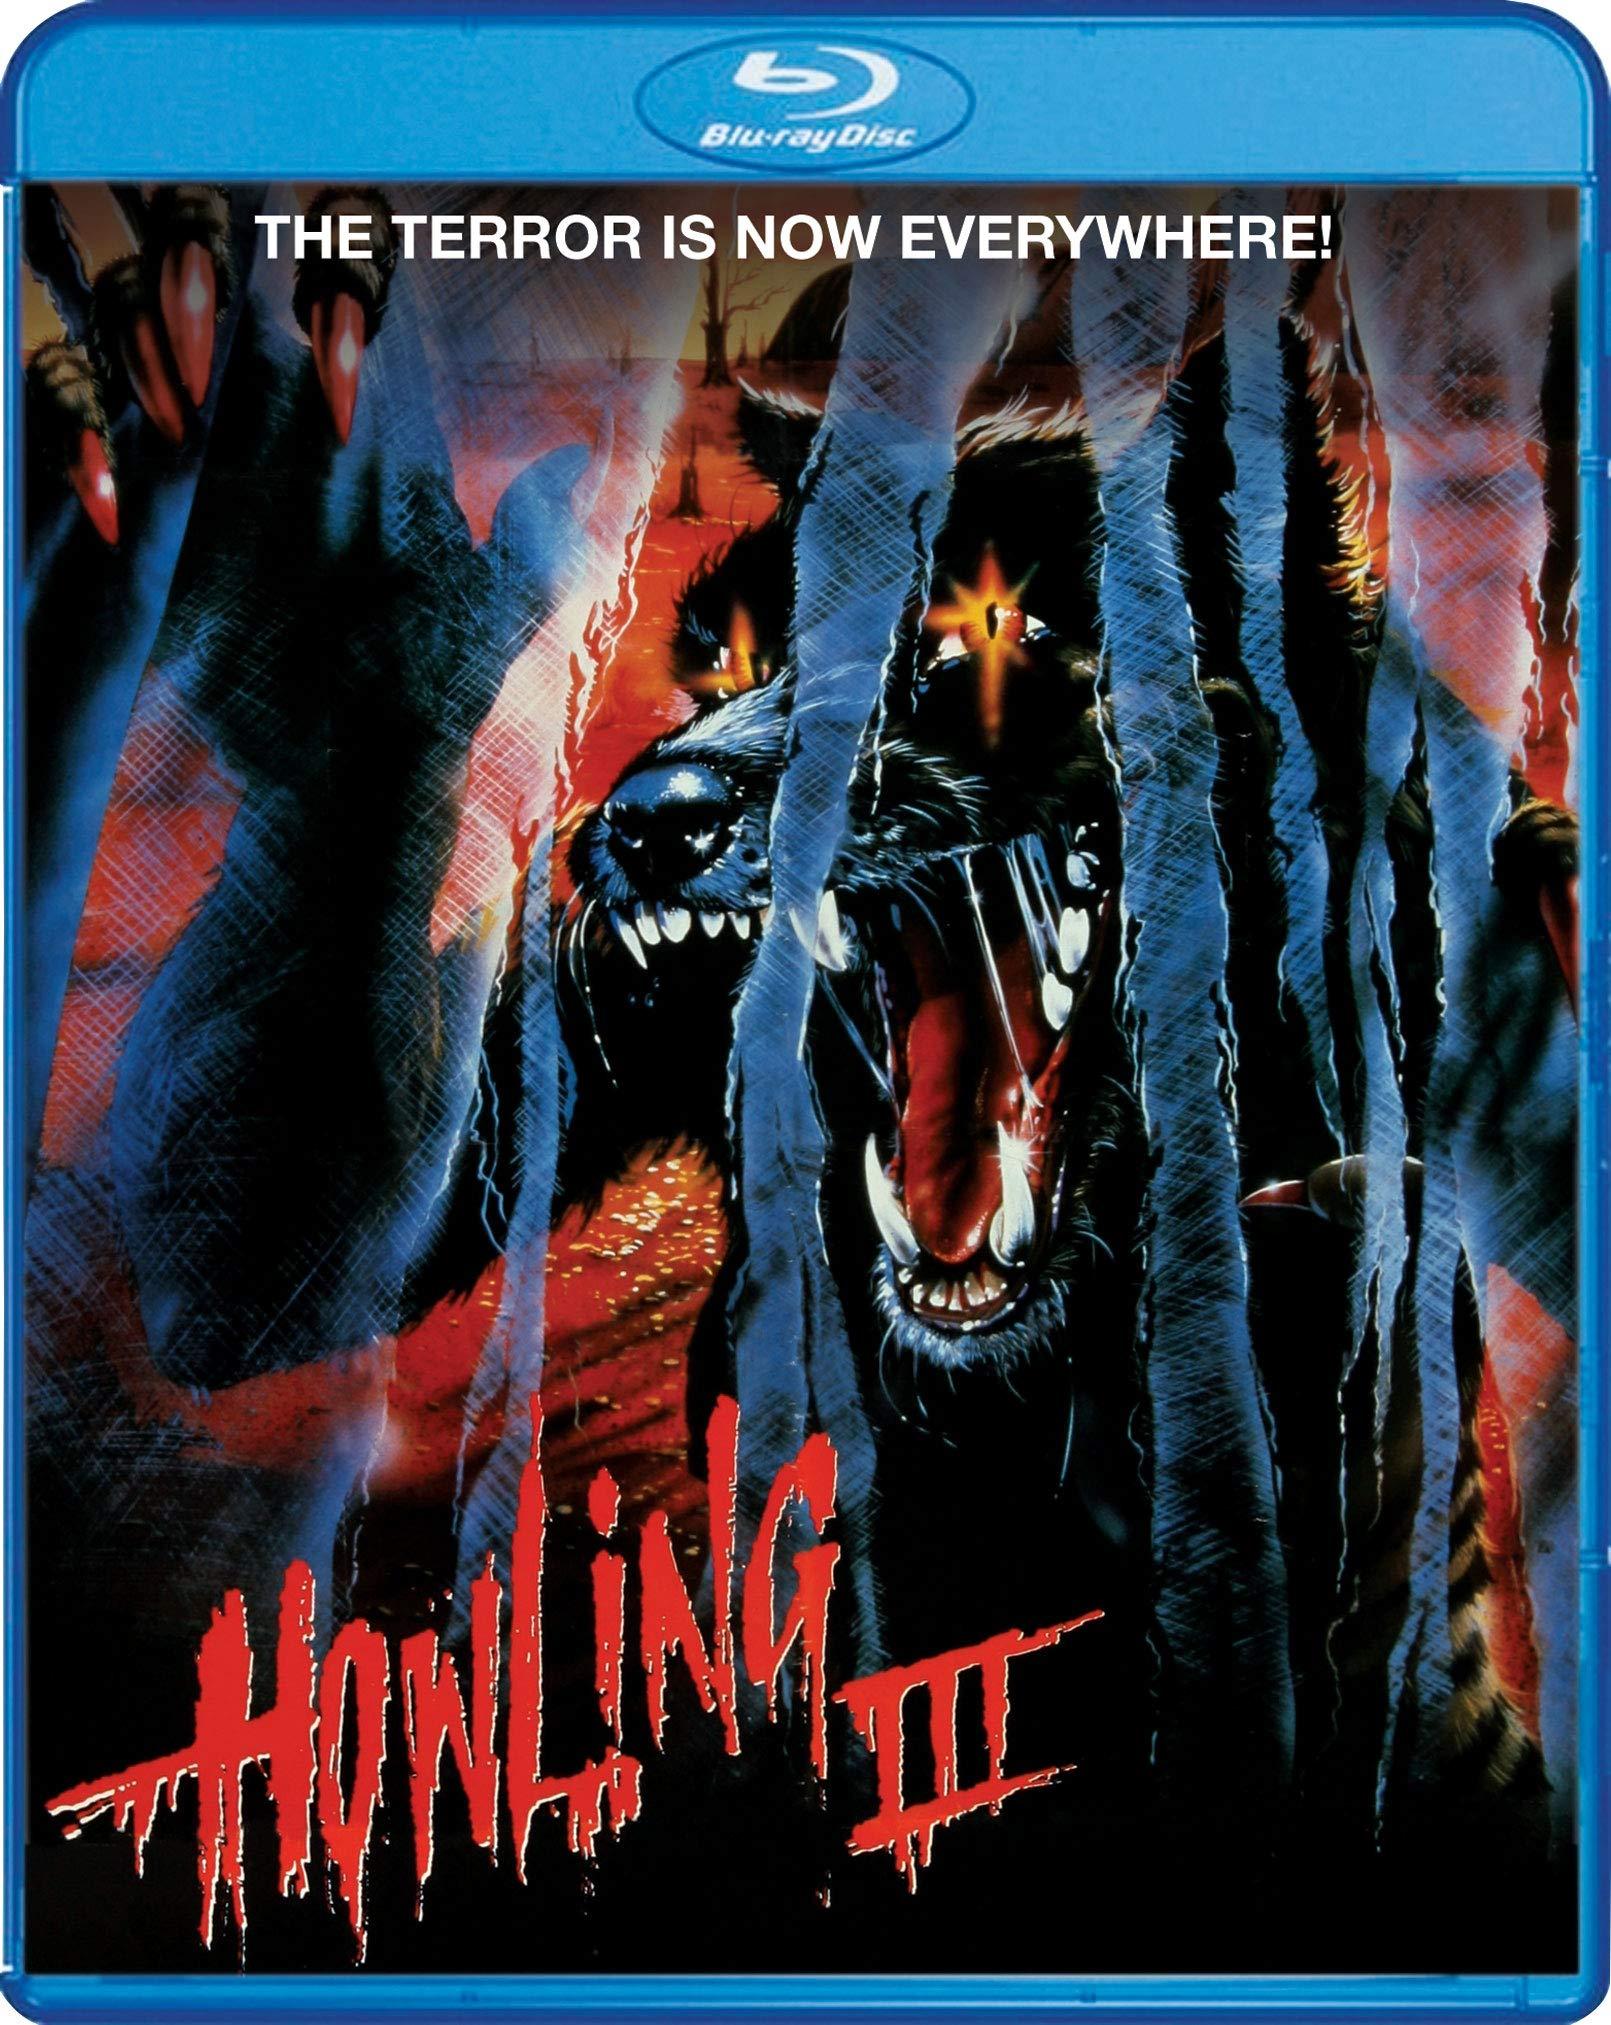 Blu-ray : Howling Iii (Widescreen)